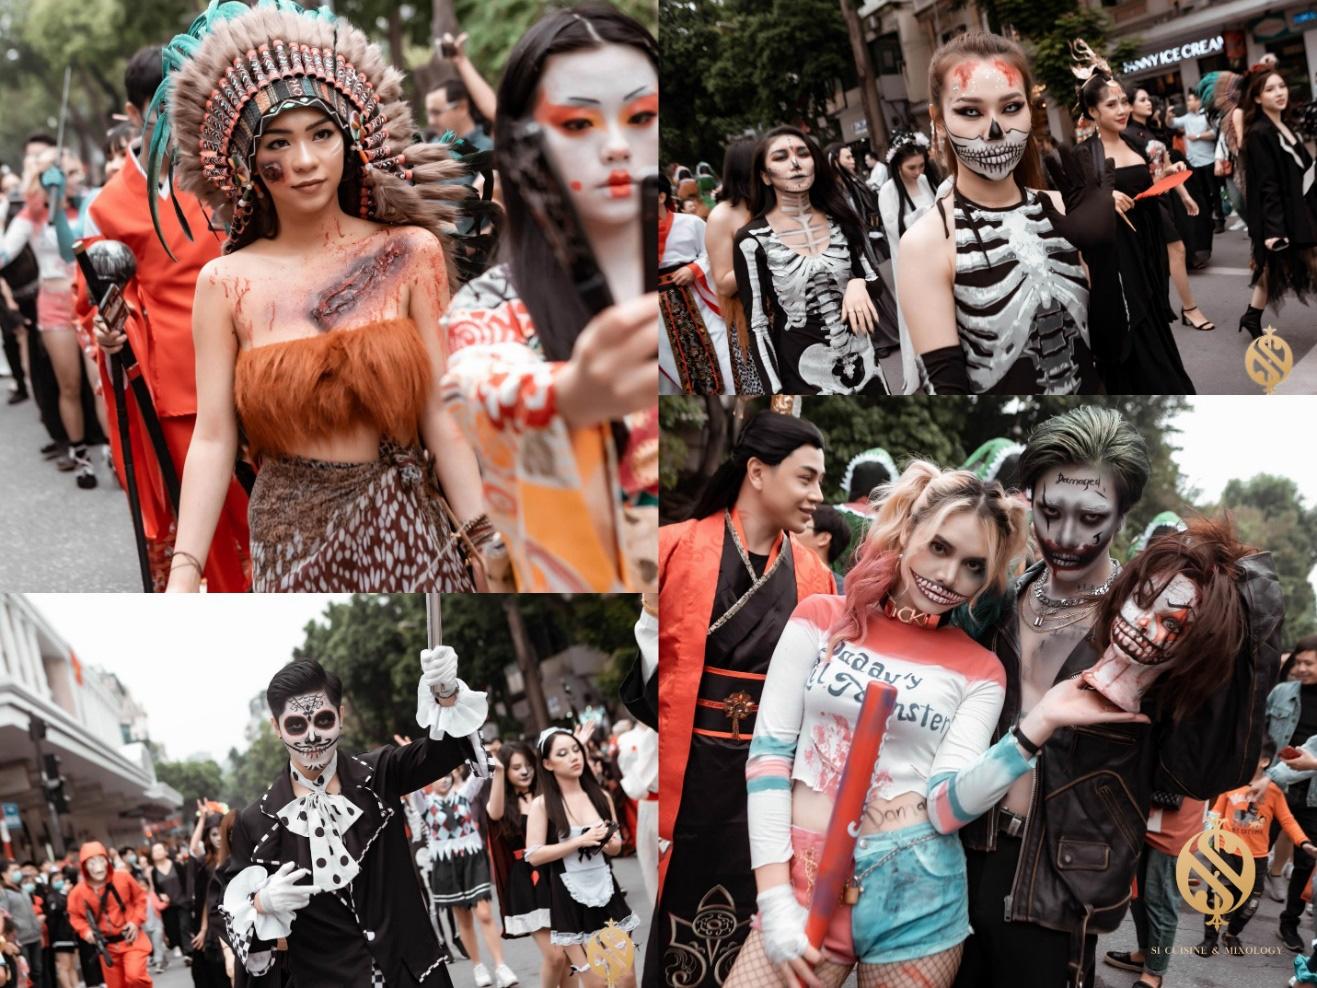 Halloween Festival siêu hoành tráng tại phố đi bộ hồ Hoàn Kiếm - Ảnh 3.